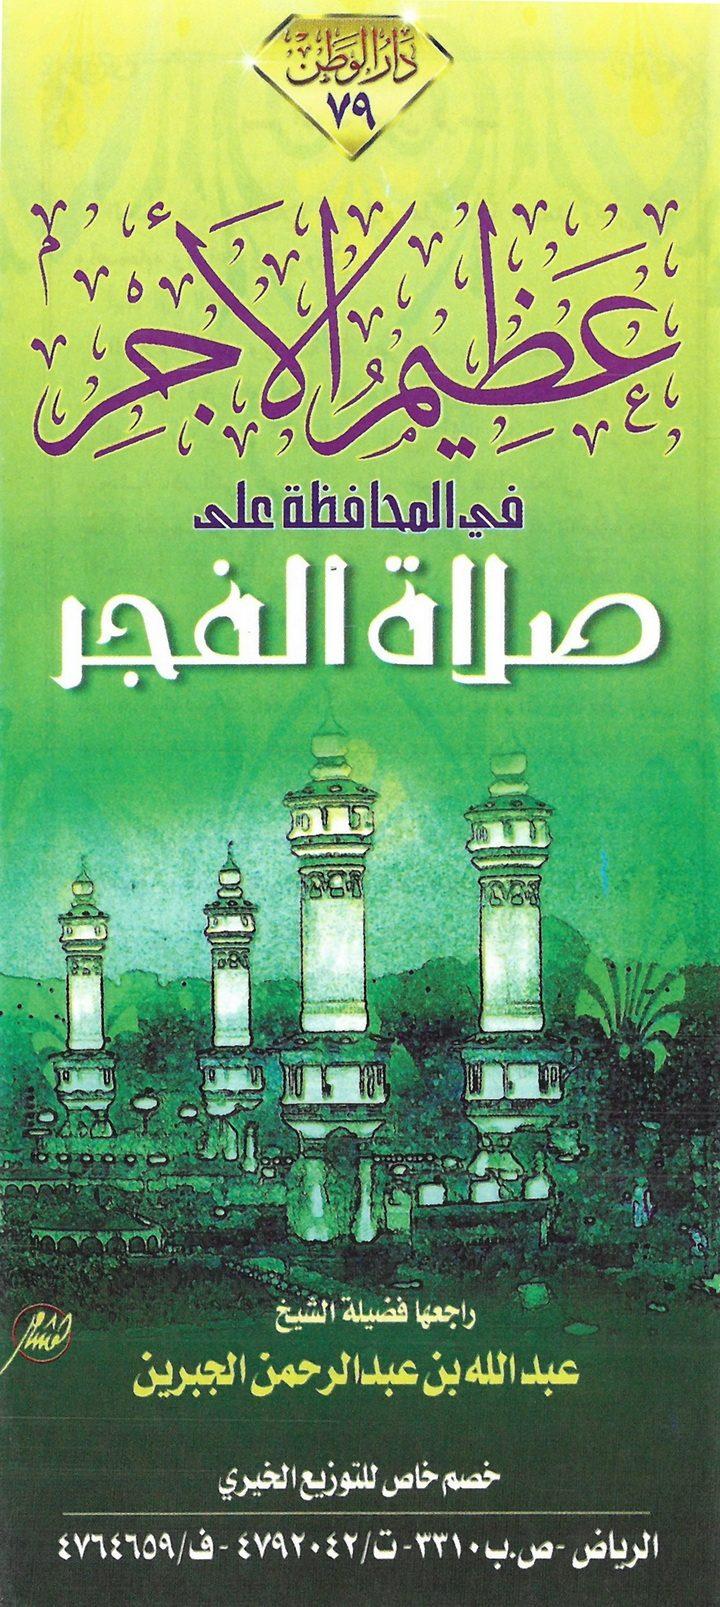 عظيم الأجر في المحافظة على صلاة الفجر (عبد الله بن عبد الرحمن الجبرين – دار الوطن)